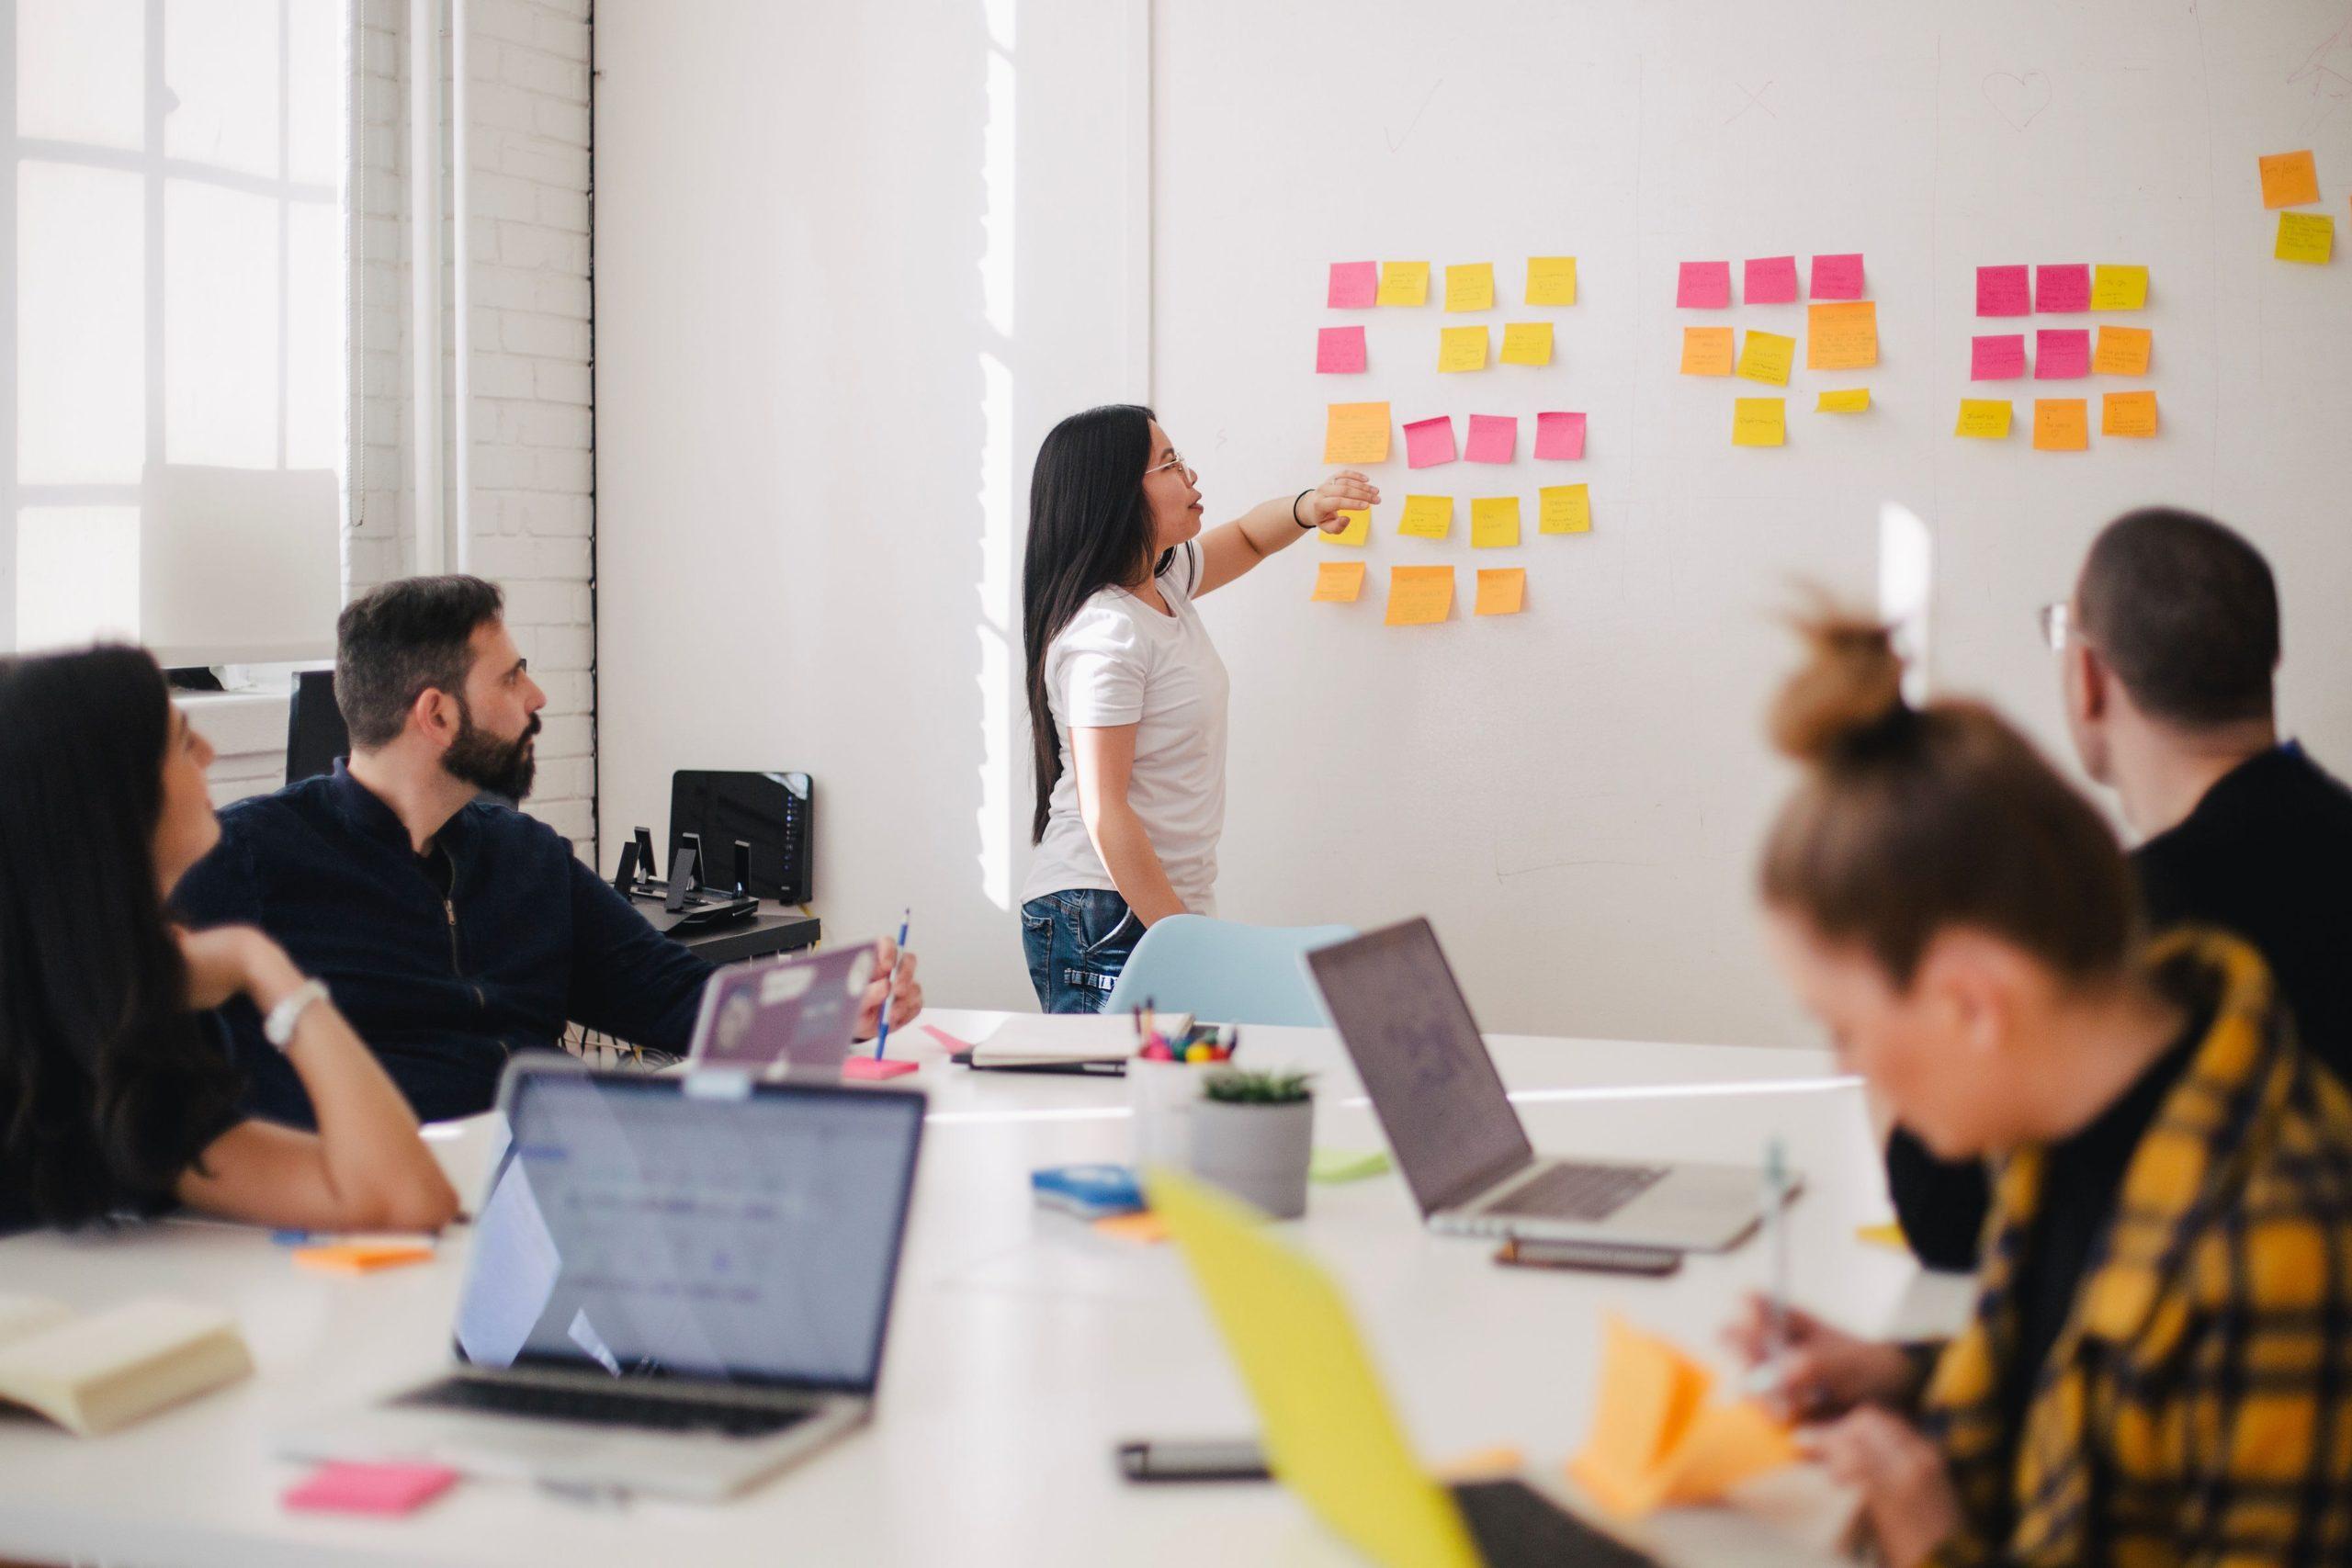 Le Gouvernement bruxellois accorde 2 millions d'aides aux entrepreneurs des coopératives d'emploi touchés par la crise du COVID-19